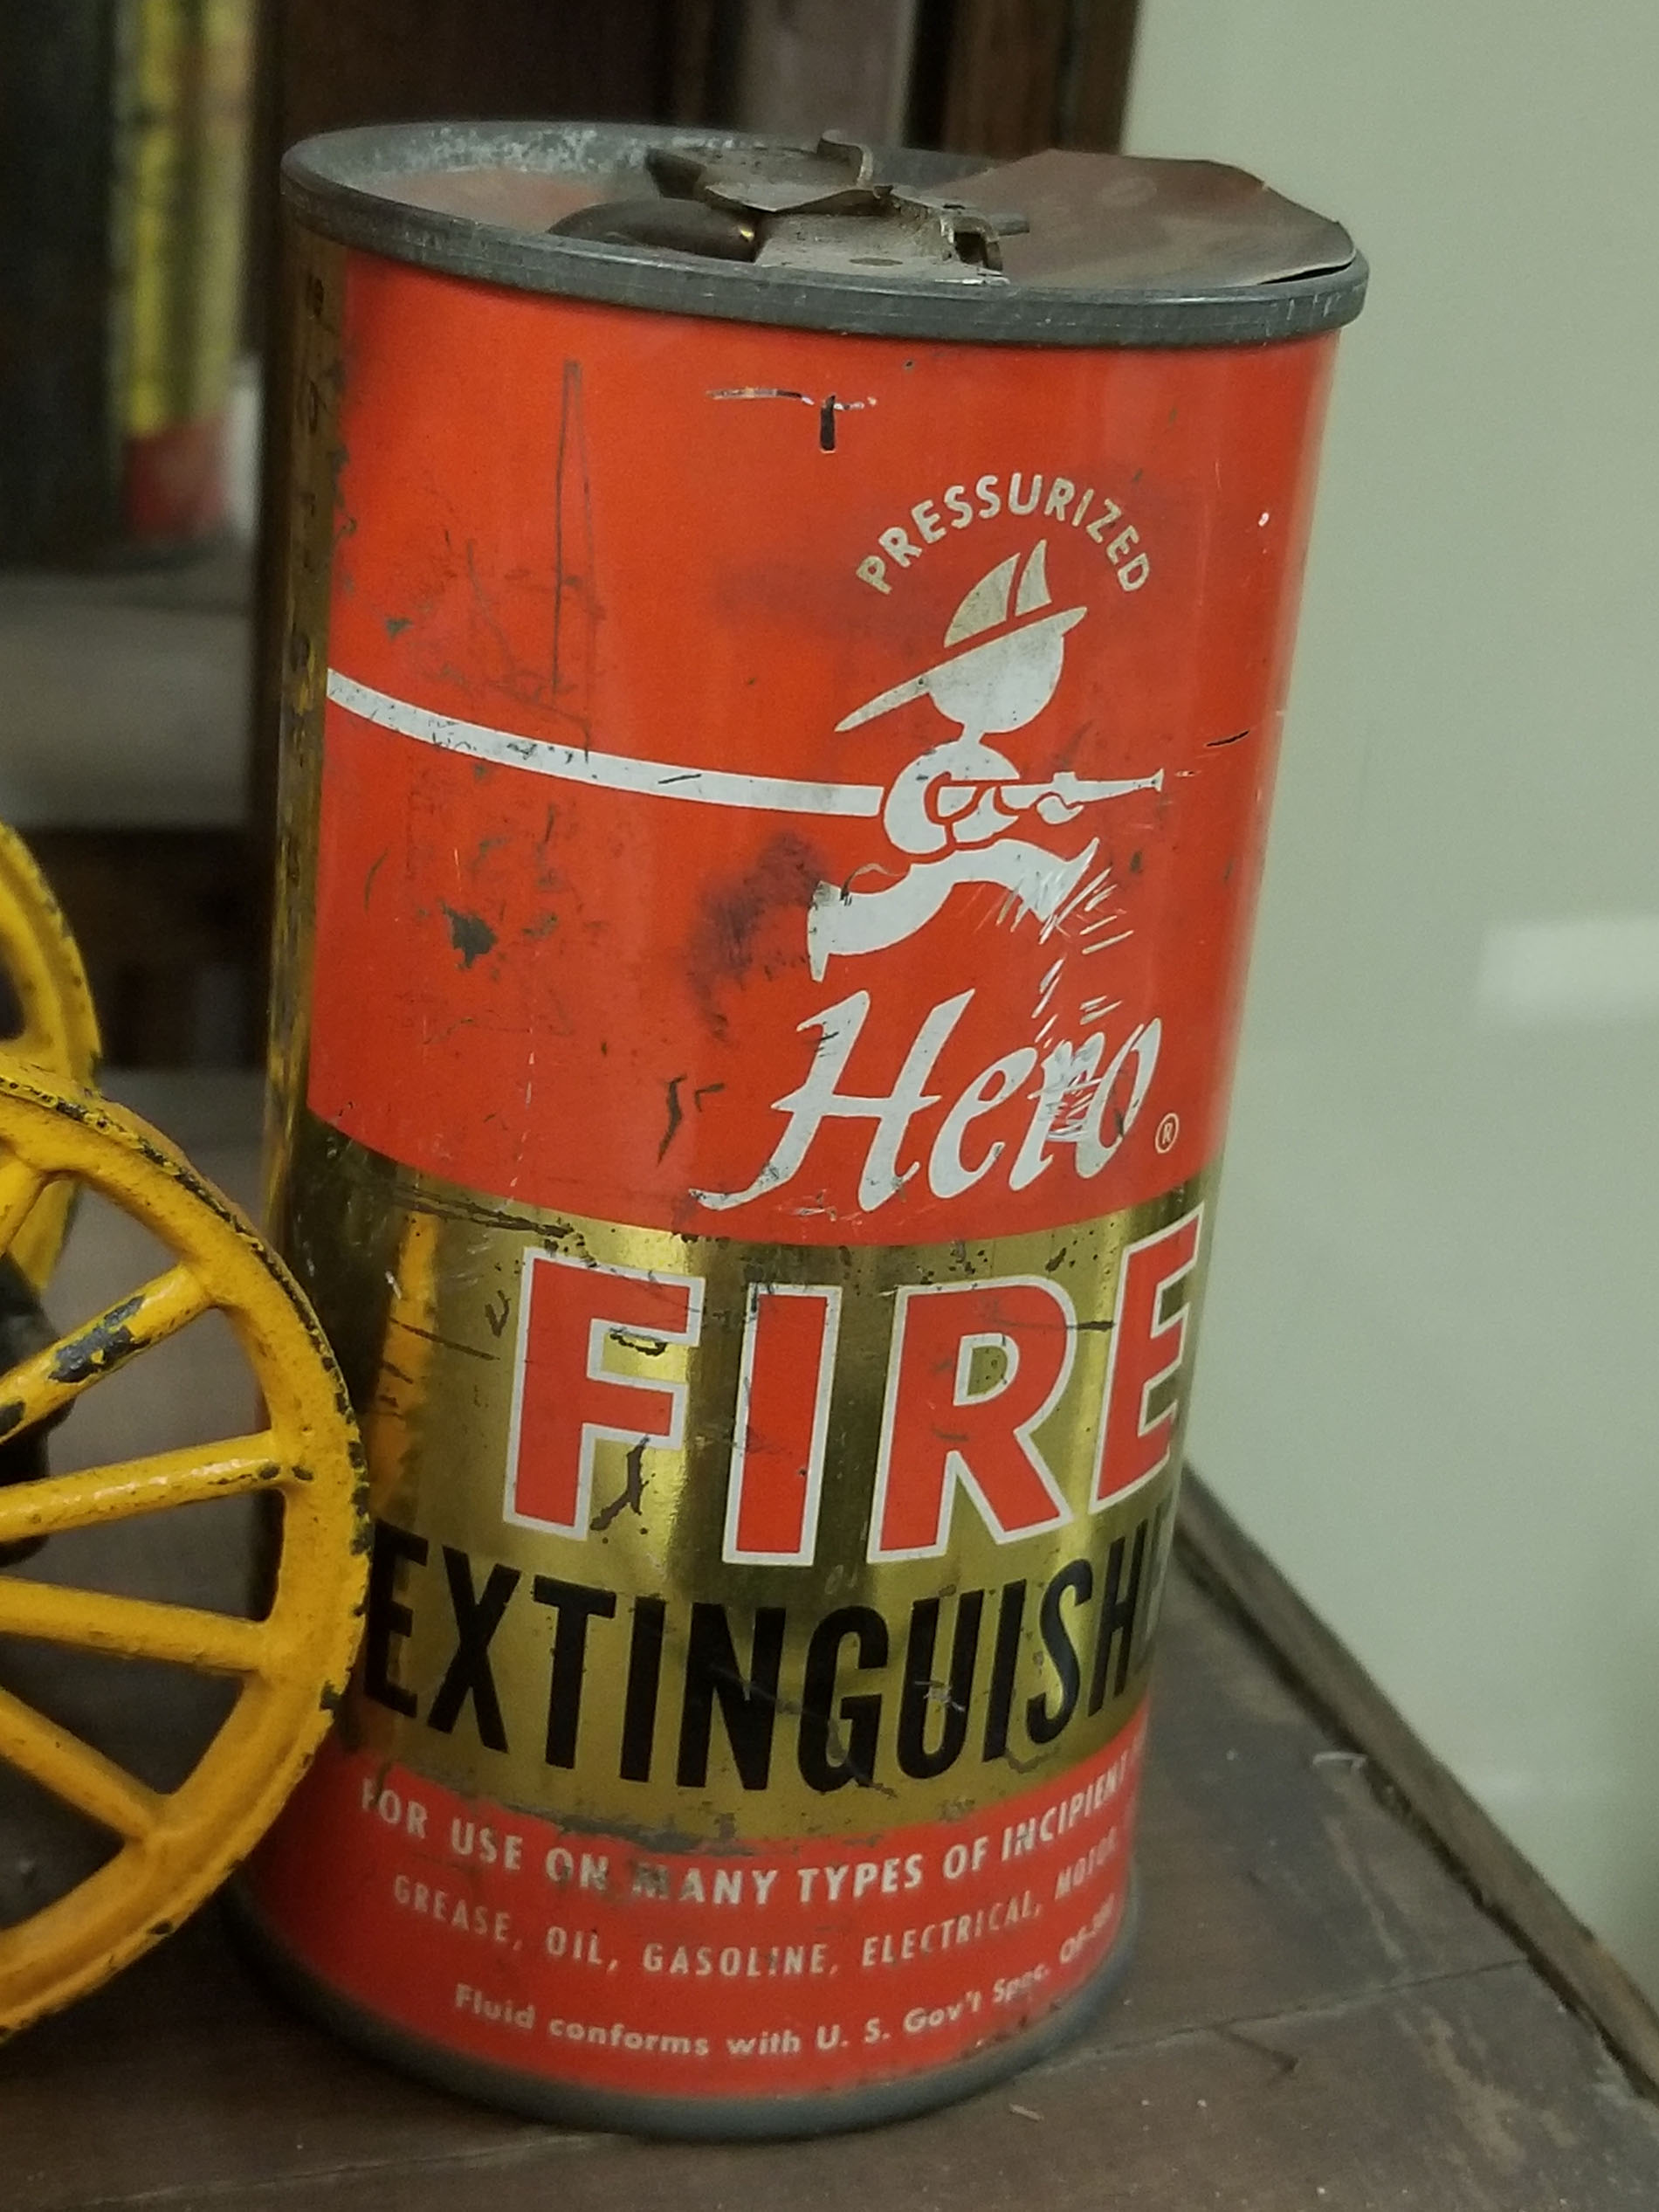 Pre-1950 fire extinguisher - Extincteur utilise avant les années 50